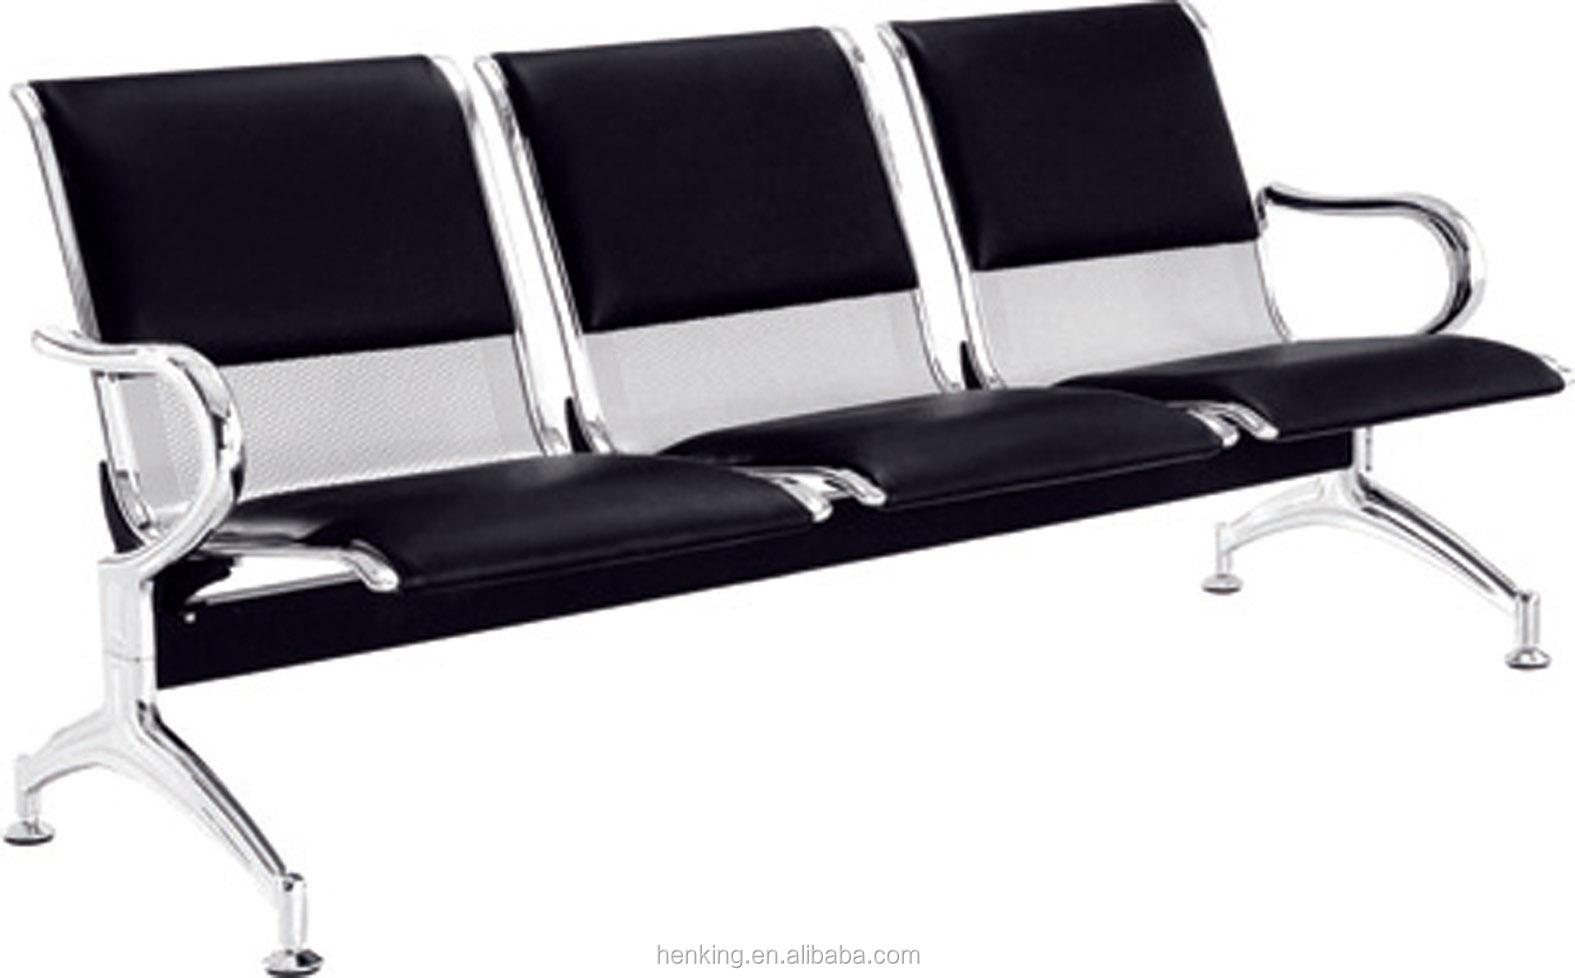 Vintage Industrial Metal Chair H303 3 Metal Airport Chair